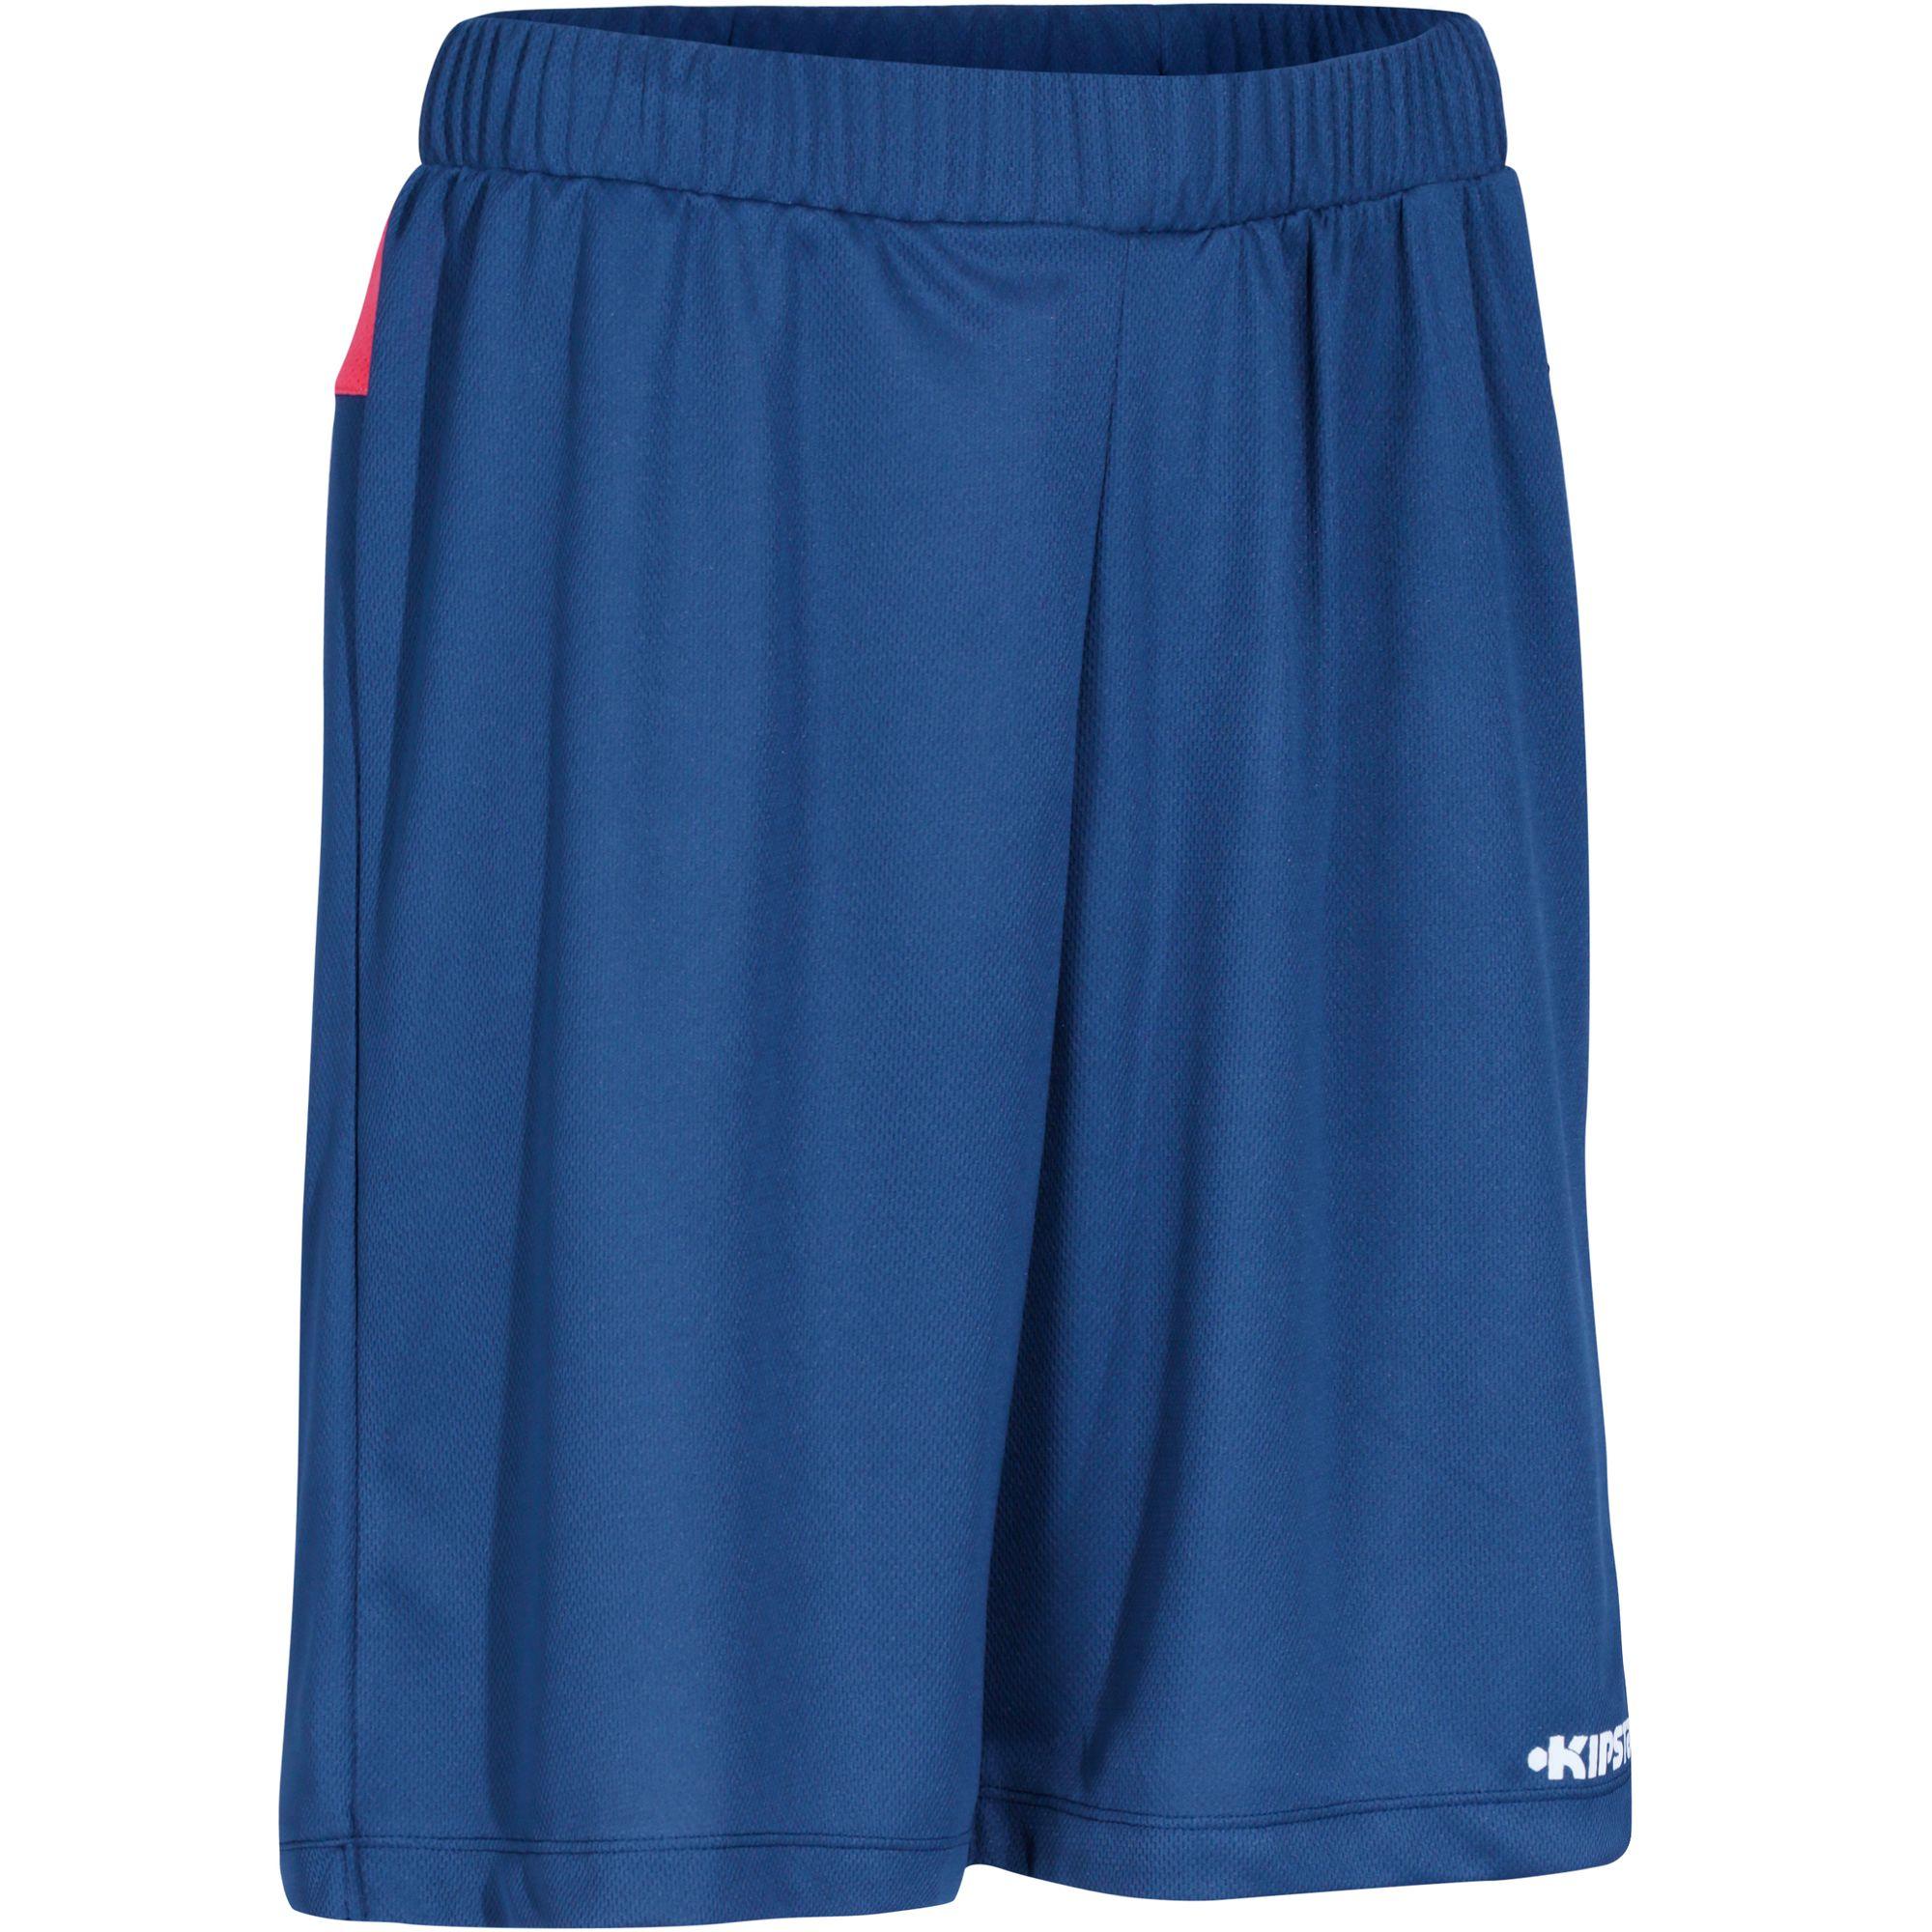 Short basketball femme B500 navy rose